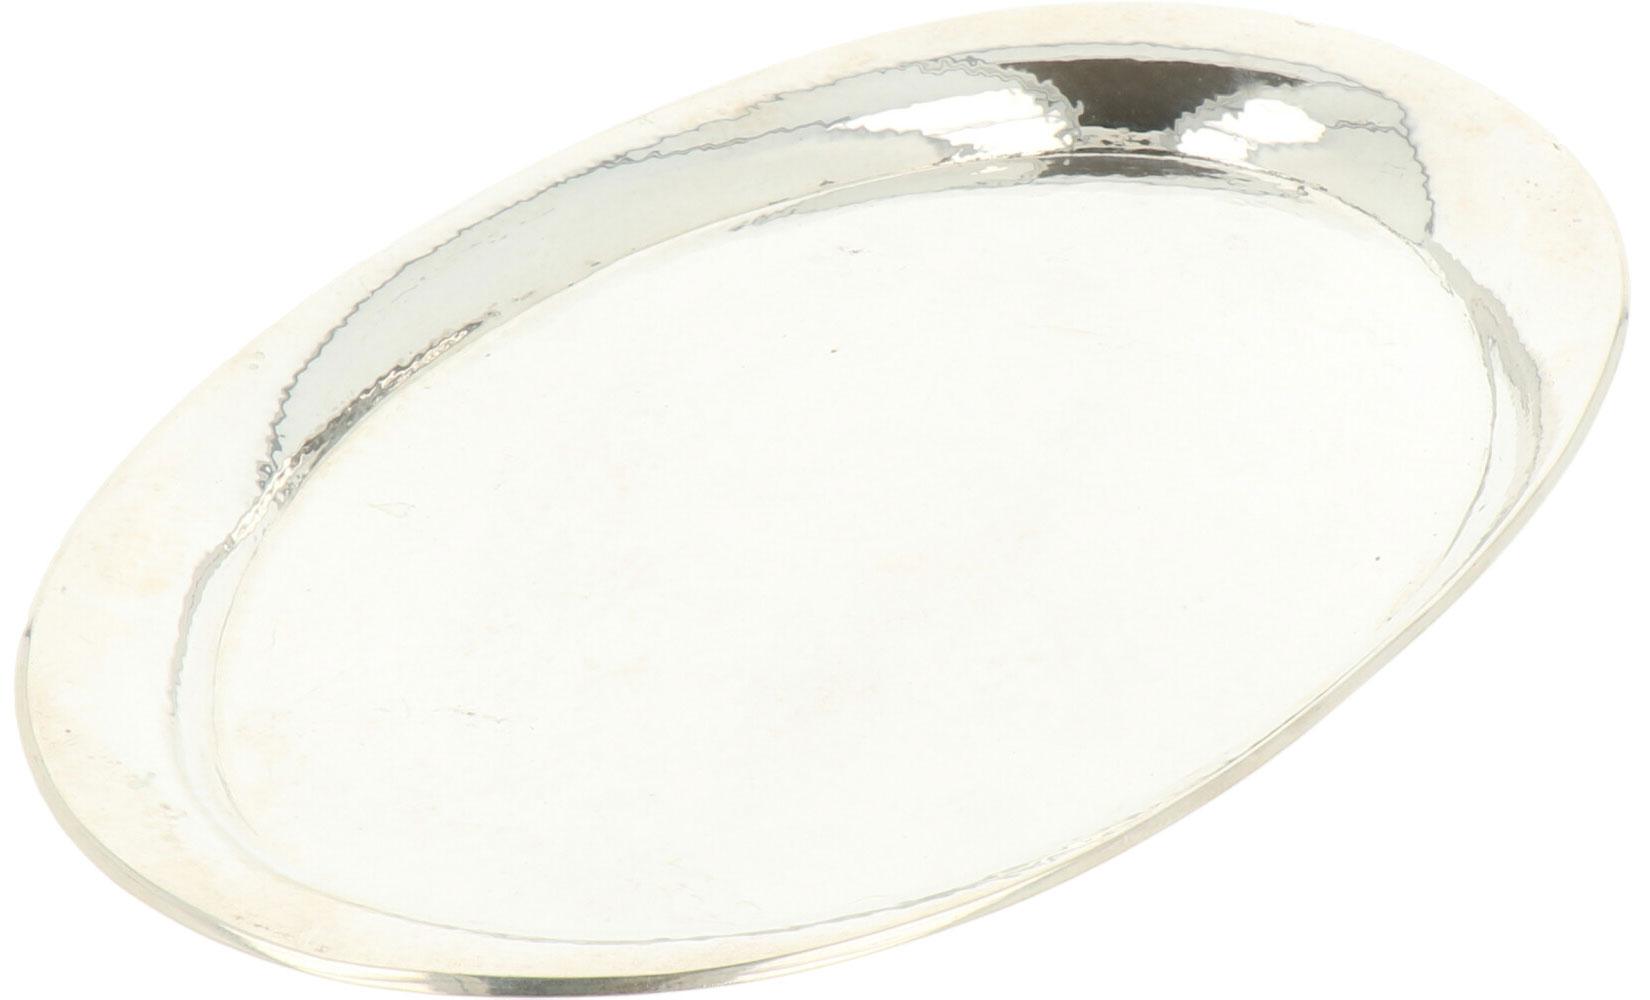 Dienblad zilver.Ovaal gehamerd model. Nederland, Steltman, 20e eeuw, Keurtekens: 830, Steltman, V - Bild 2 aus 3